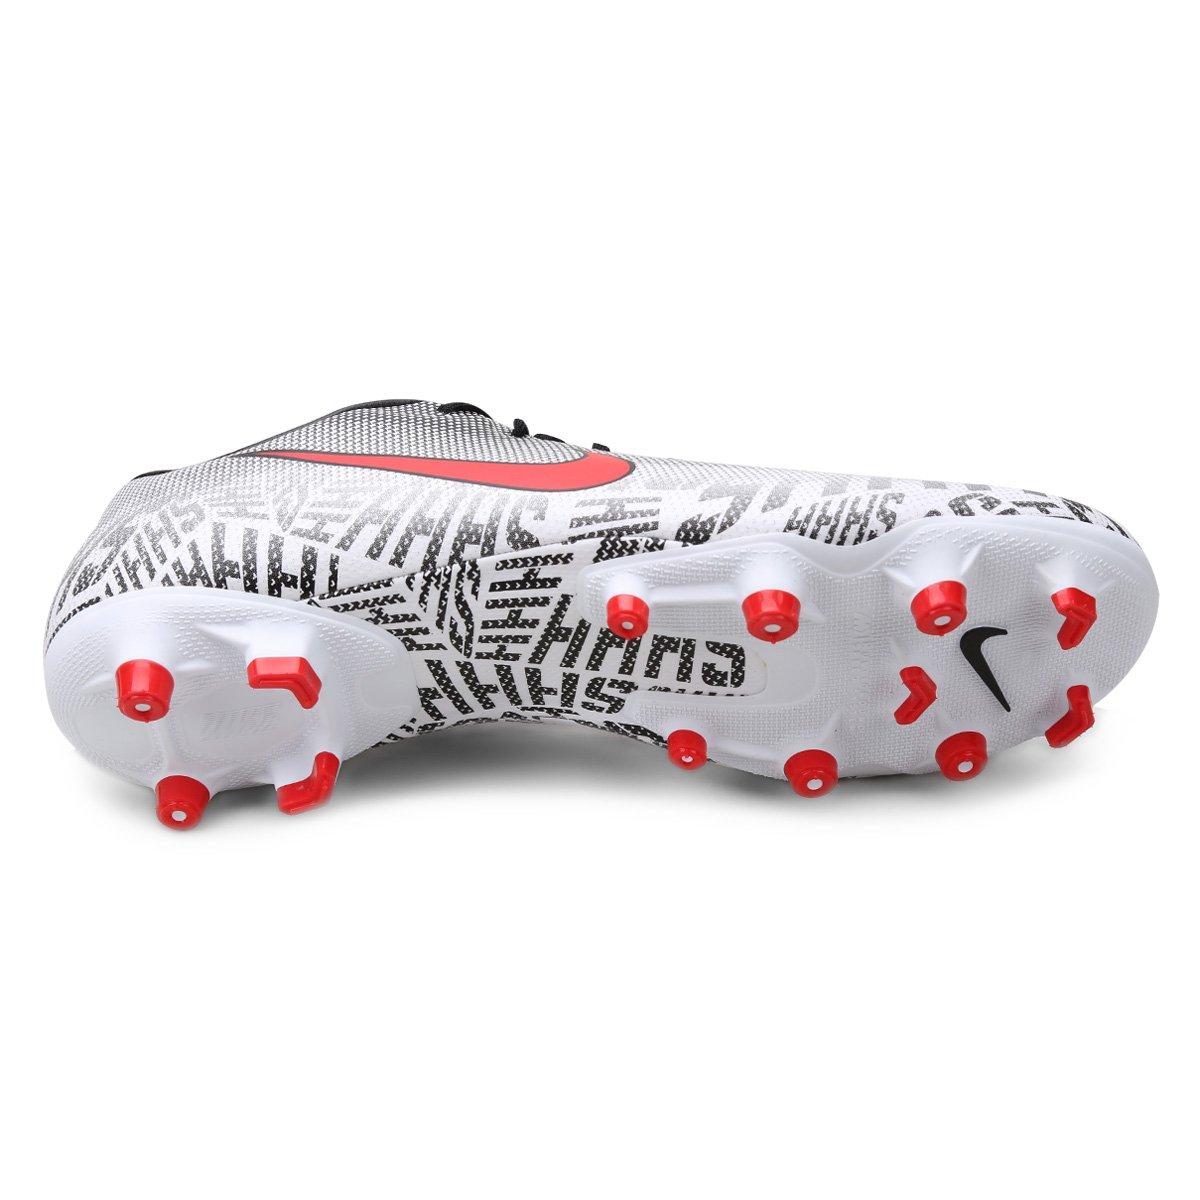 7b08a4bdac Chuteira Campo Nike Mercurial Vapor 12 Academy Neymar Jr FG - Branco e  Vermelho